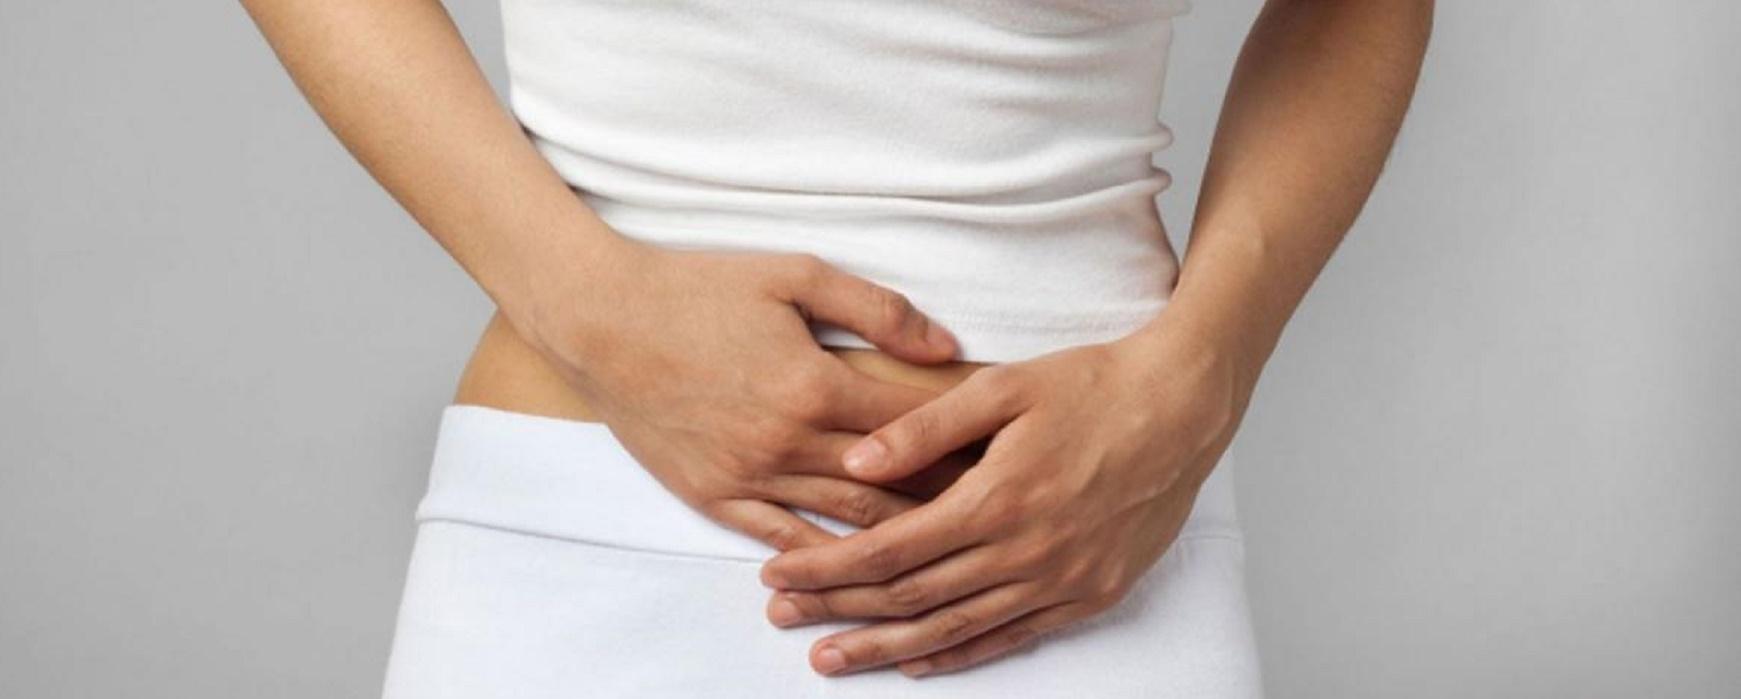 Симптомы, диагностика и лечение аппендицита при беременности